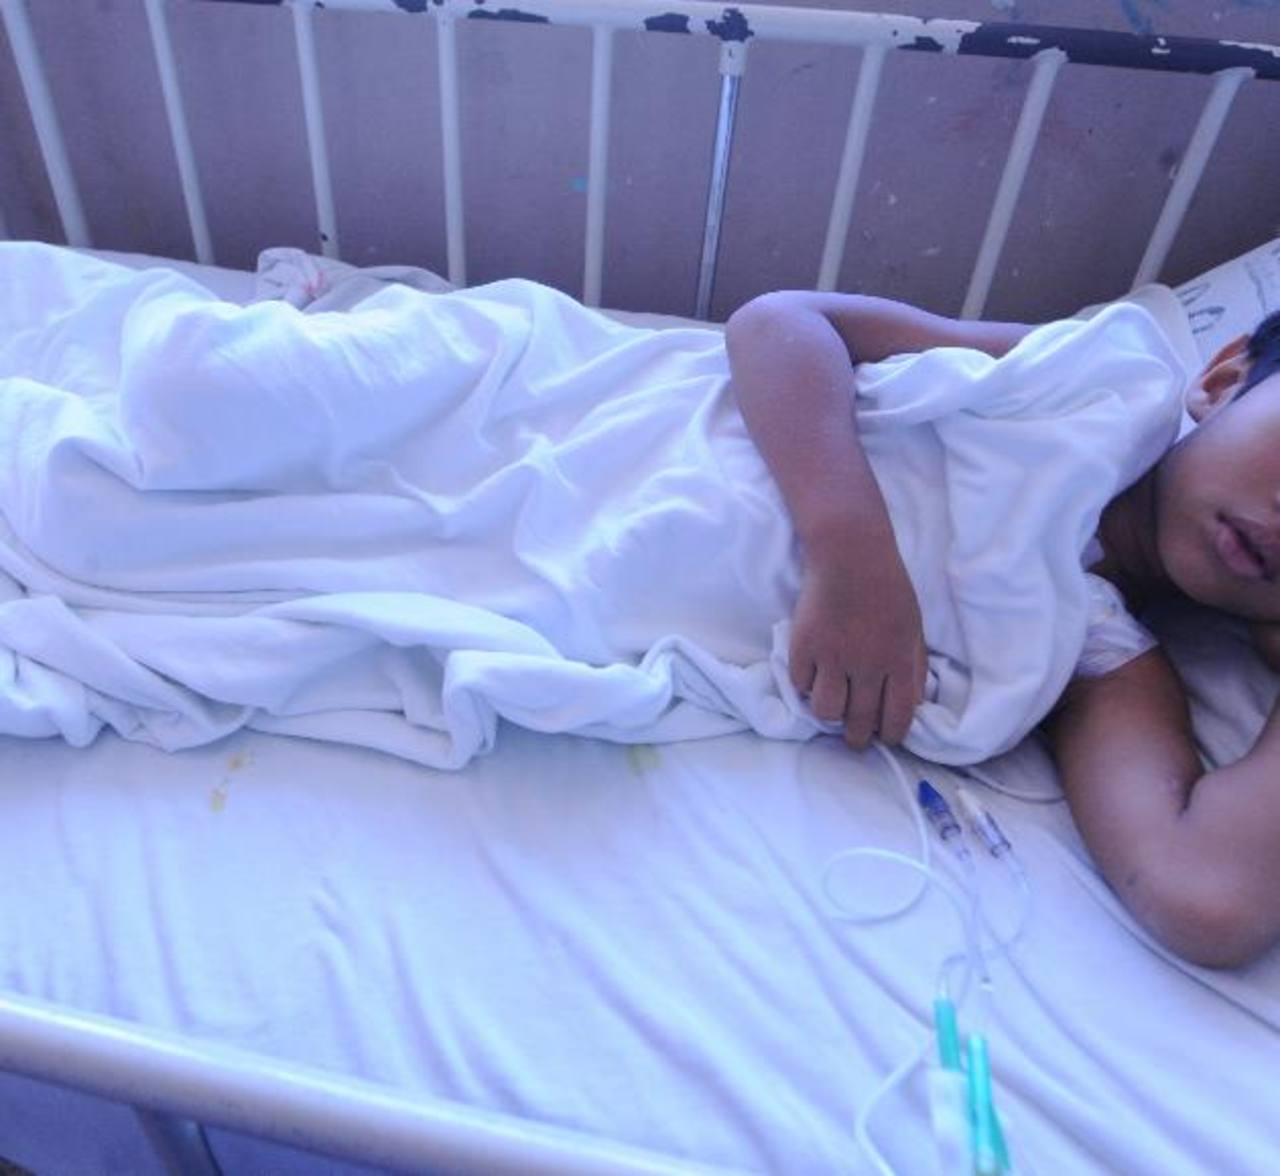 El pequeño se encuentra en el Hospital Bloom a la espera que se le pueda realizar su trasplante. Foto EDH / archivo